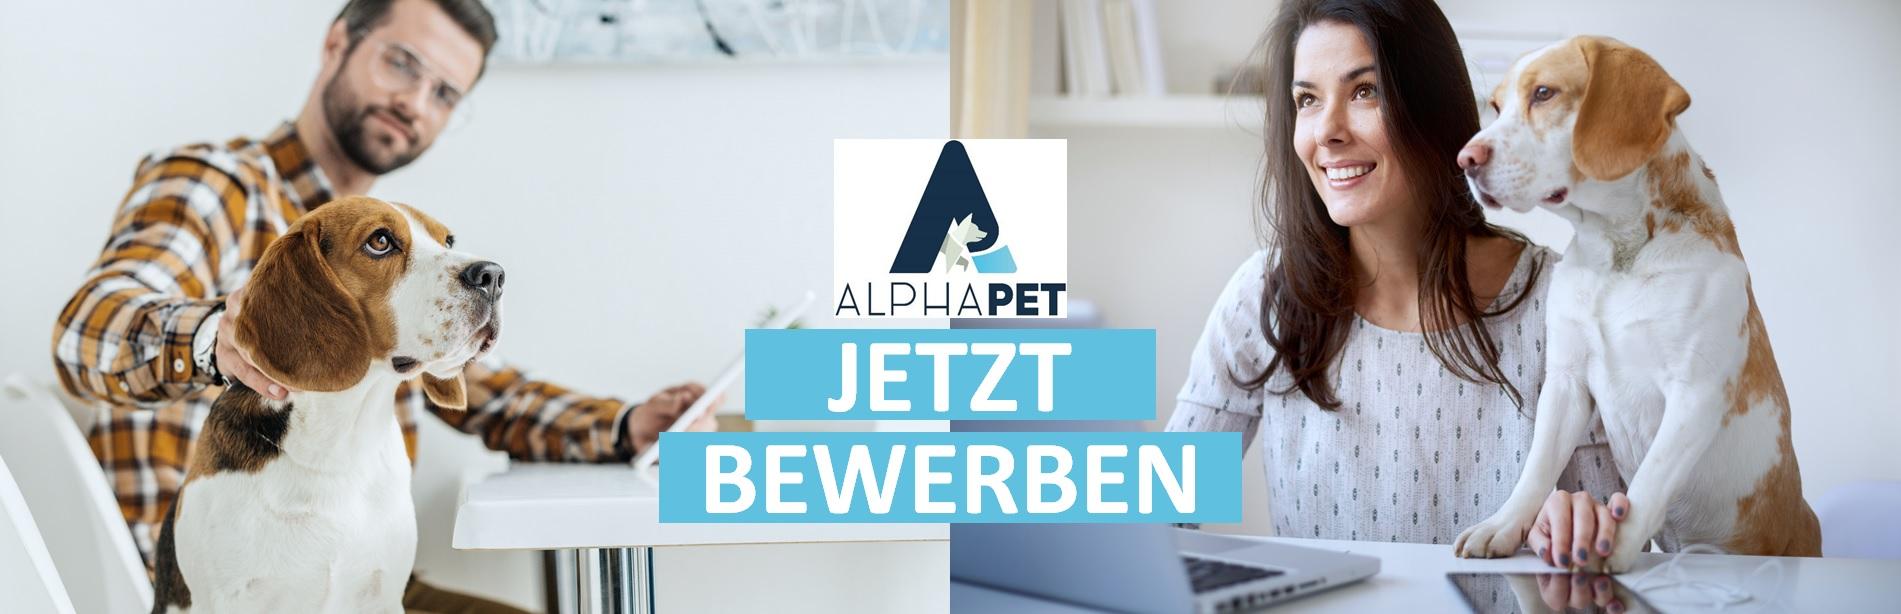 AlphaPet Karriere Bewerber